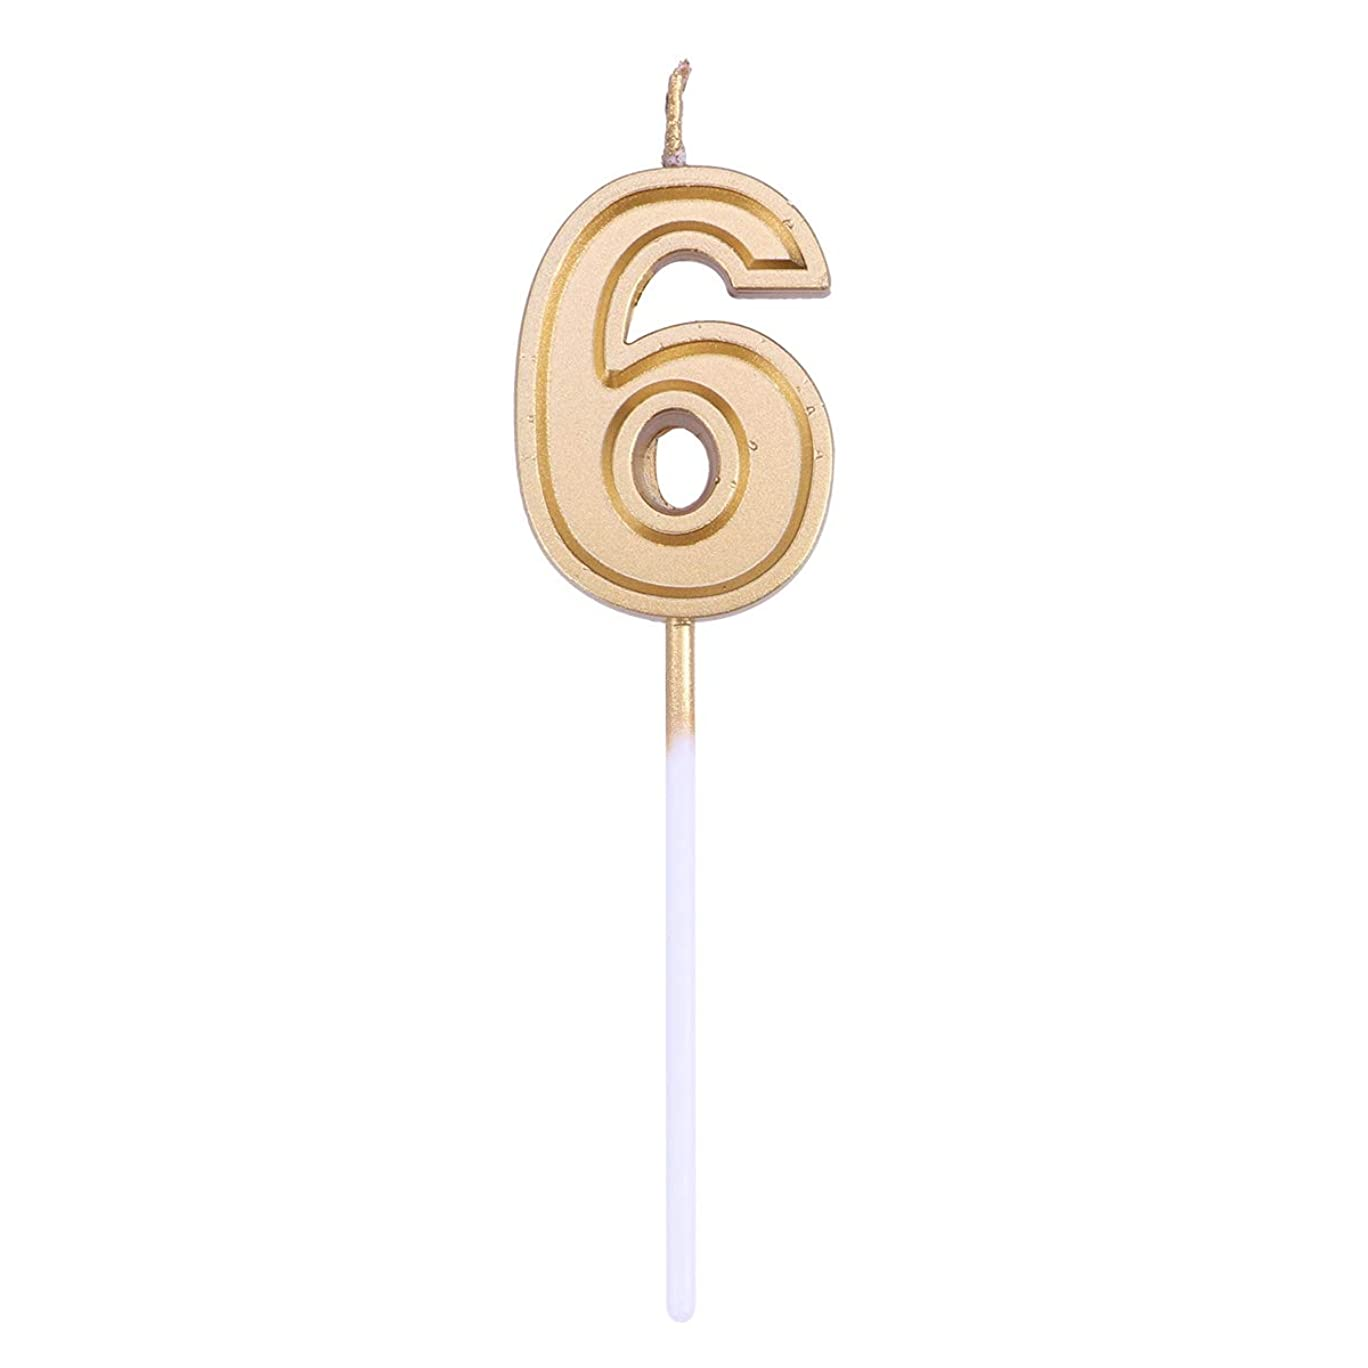 検査導体卵Toyvian ゴールドラメ誕生日おめでとう数字キャンドル番号キャンドルケーキトッパー装飾用大人キッズパーティー(番号6)